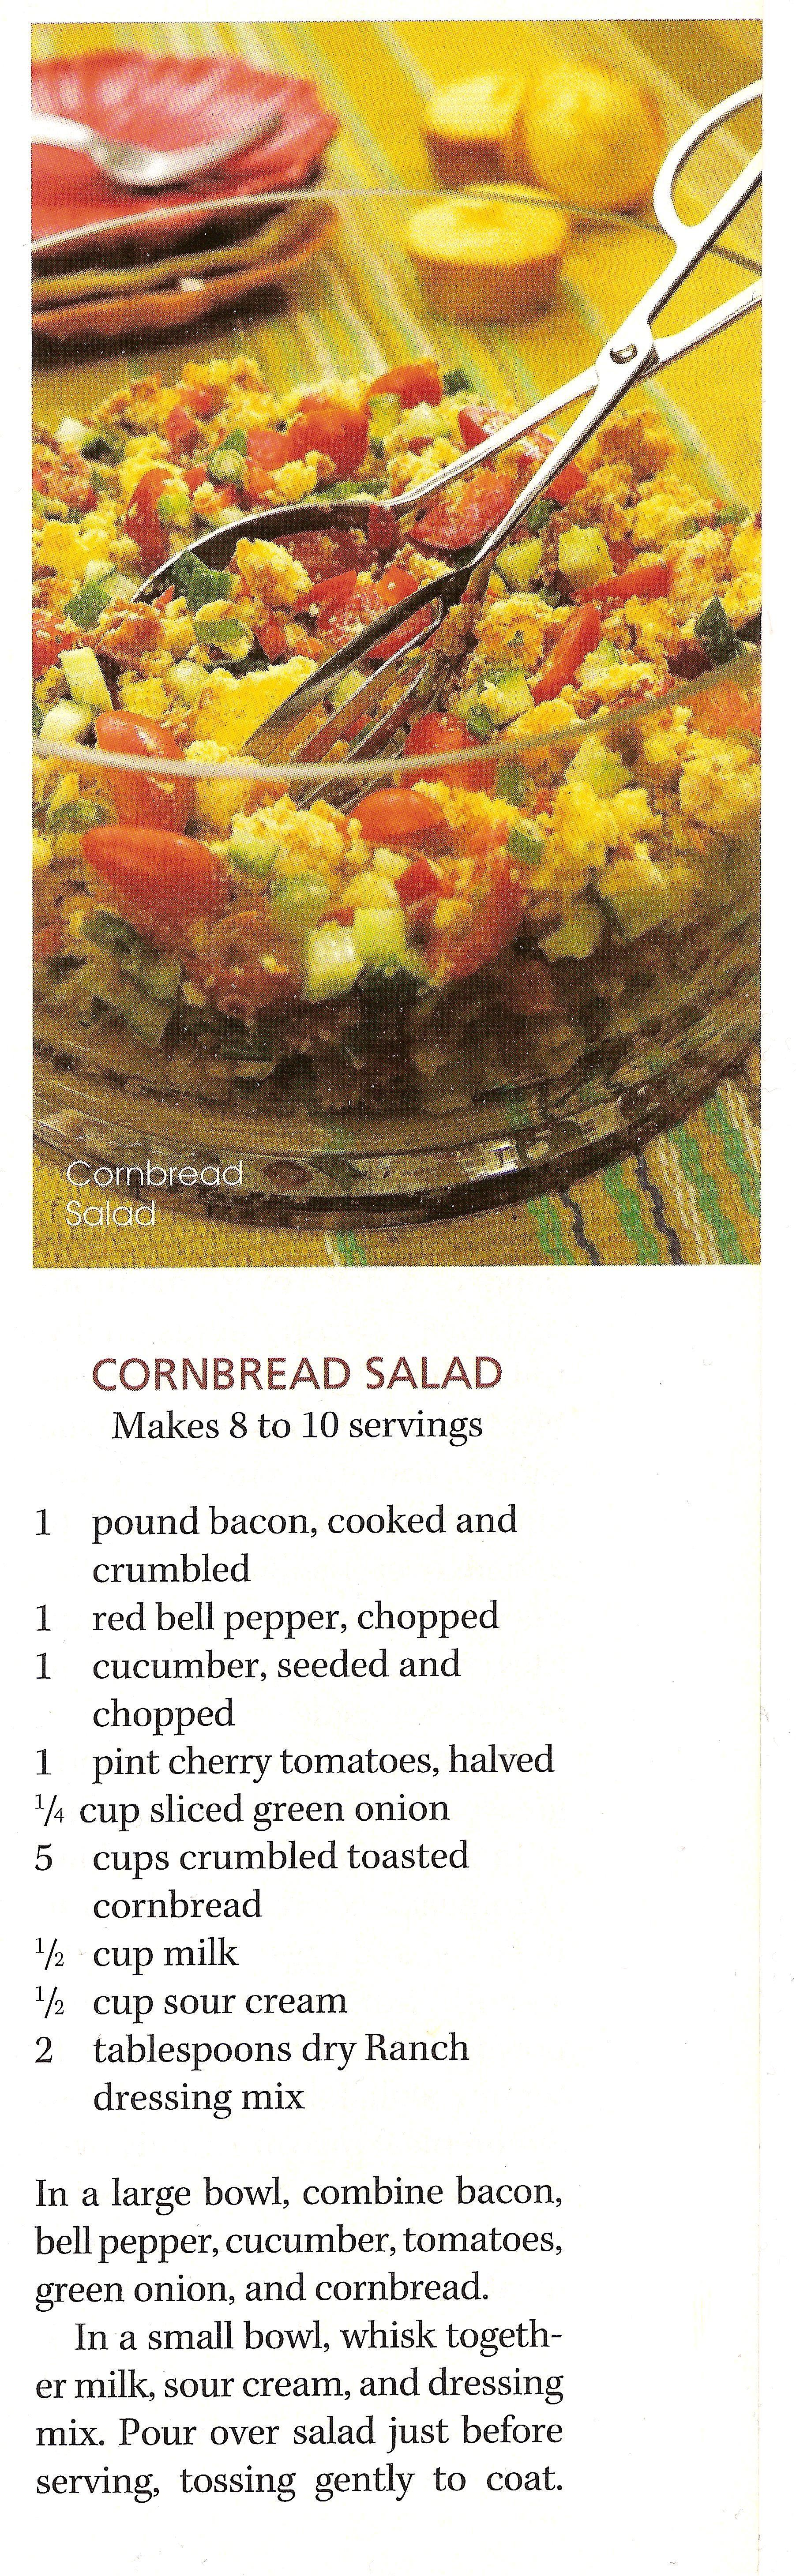 recipe: southern dressing recipe paula deen [24]